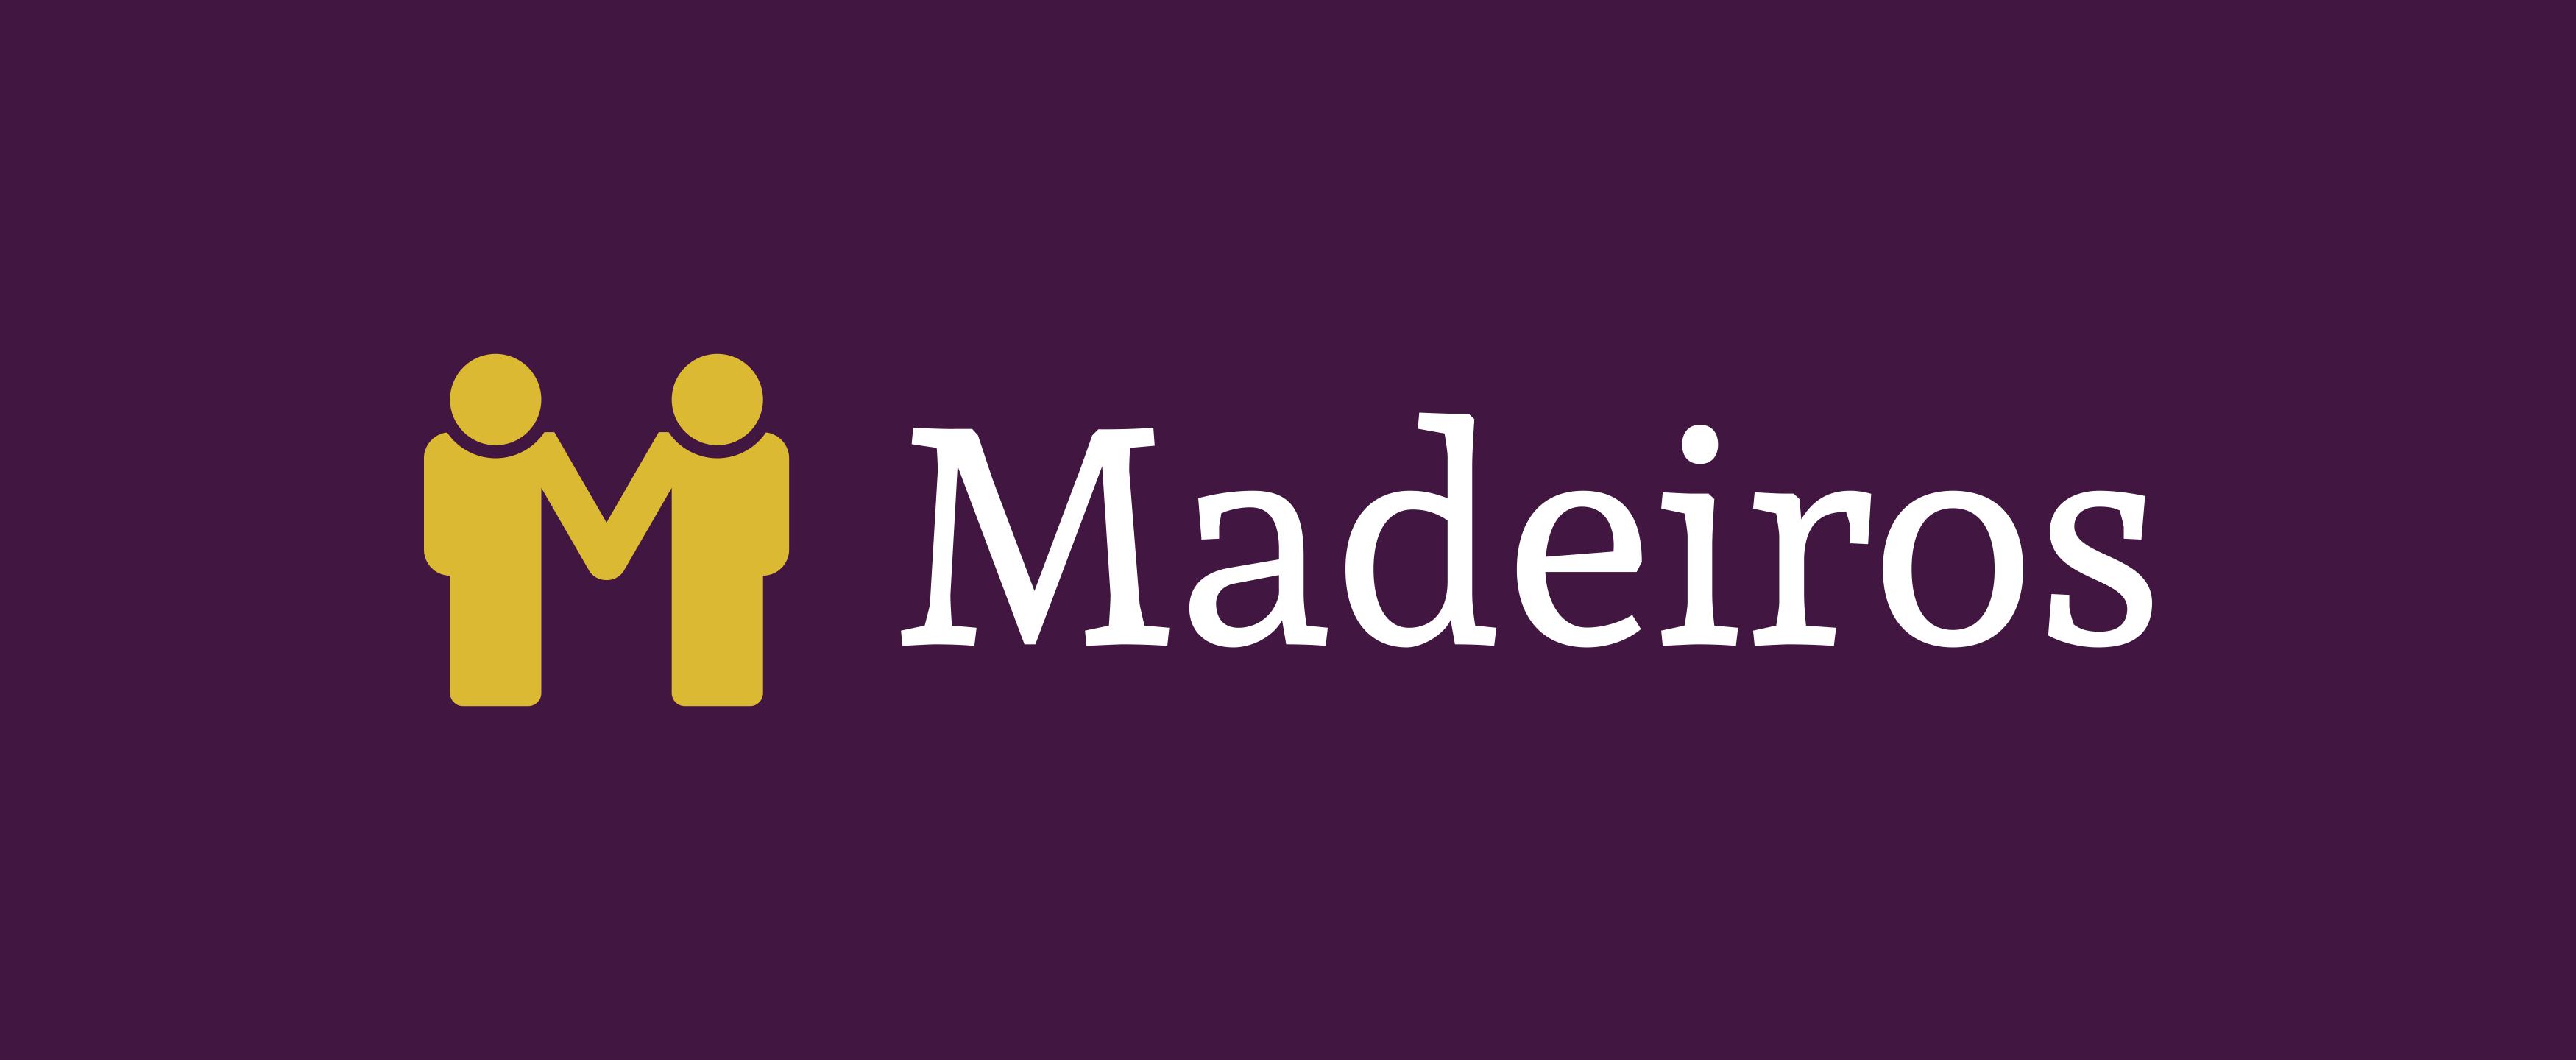 Madeiros Family